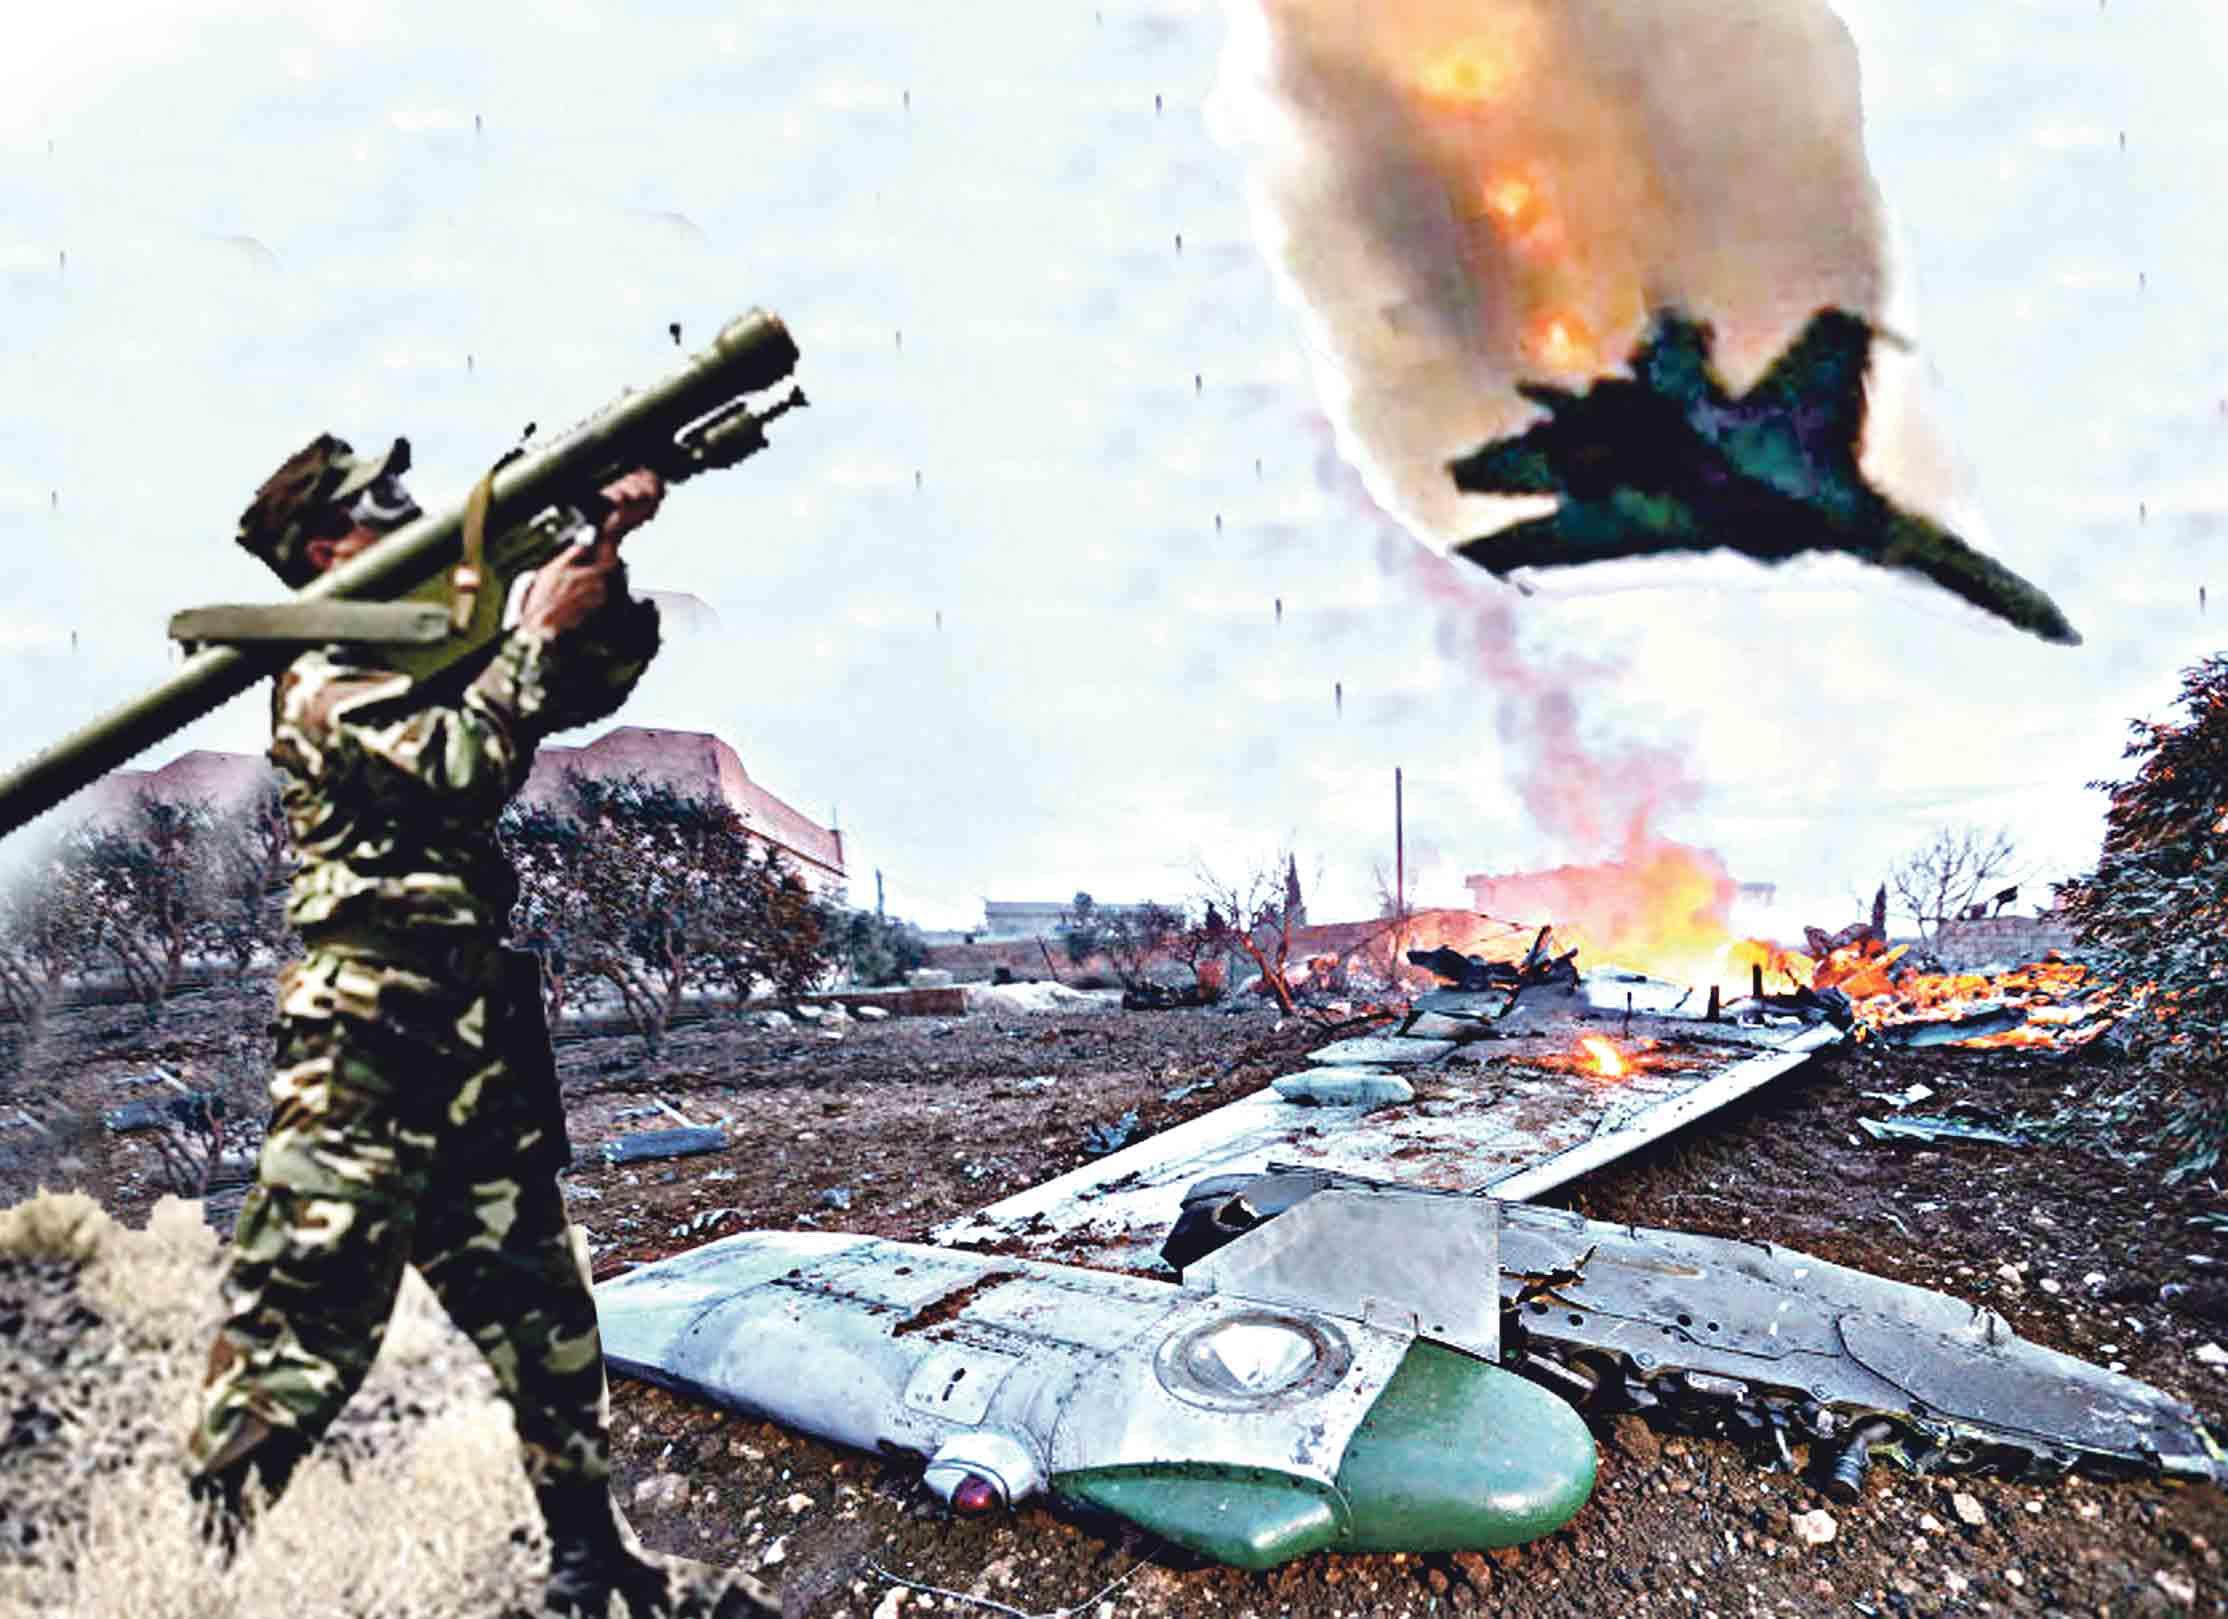 Ракетою із Калинівських складів збили російський літак Су-25 у Сирії, — таку сенсаційну заяву зробили росіяни